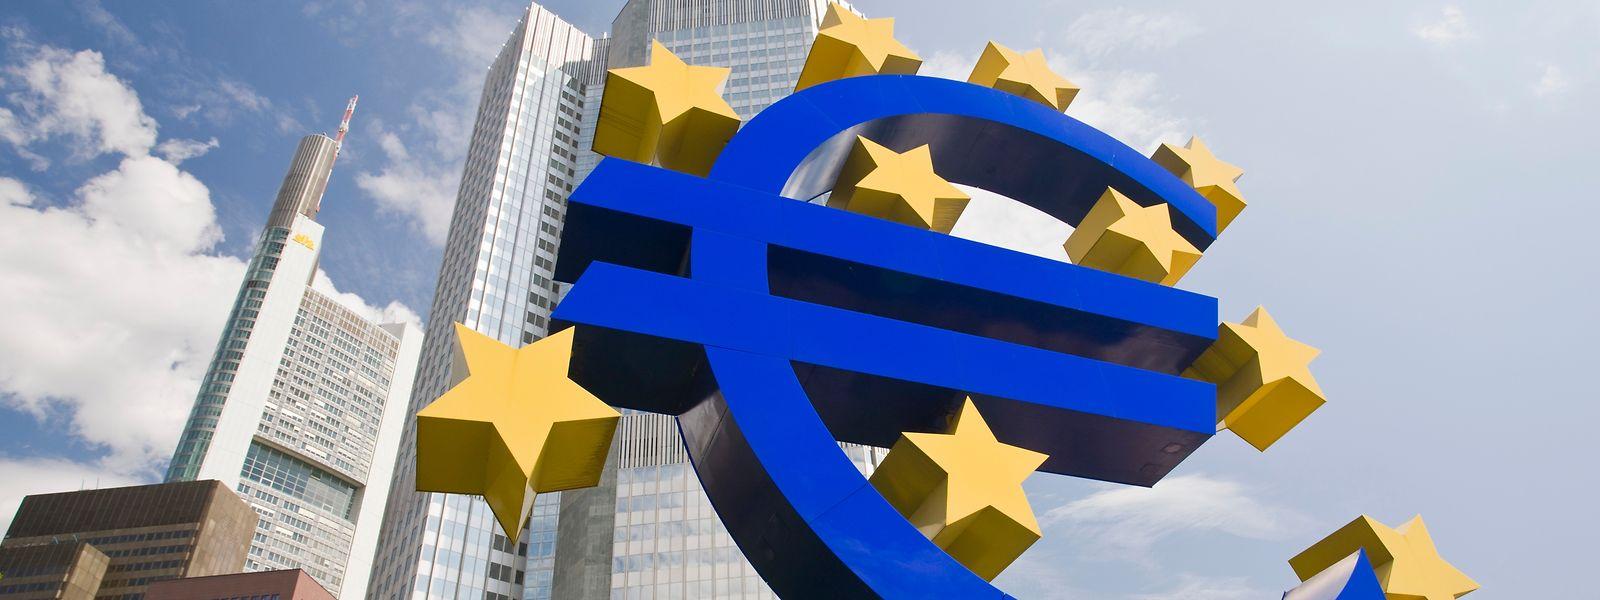 Laut EZB hätten bereits 20 Finanzinstitute eine Banklizenz im Euroraum beantragt.